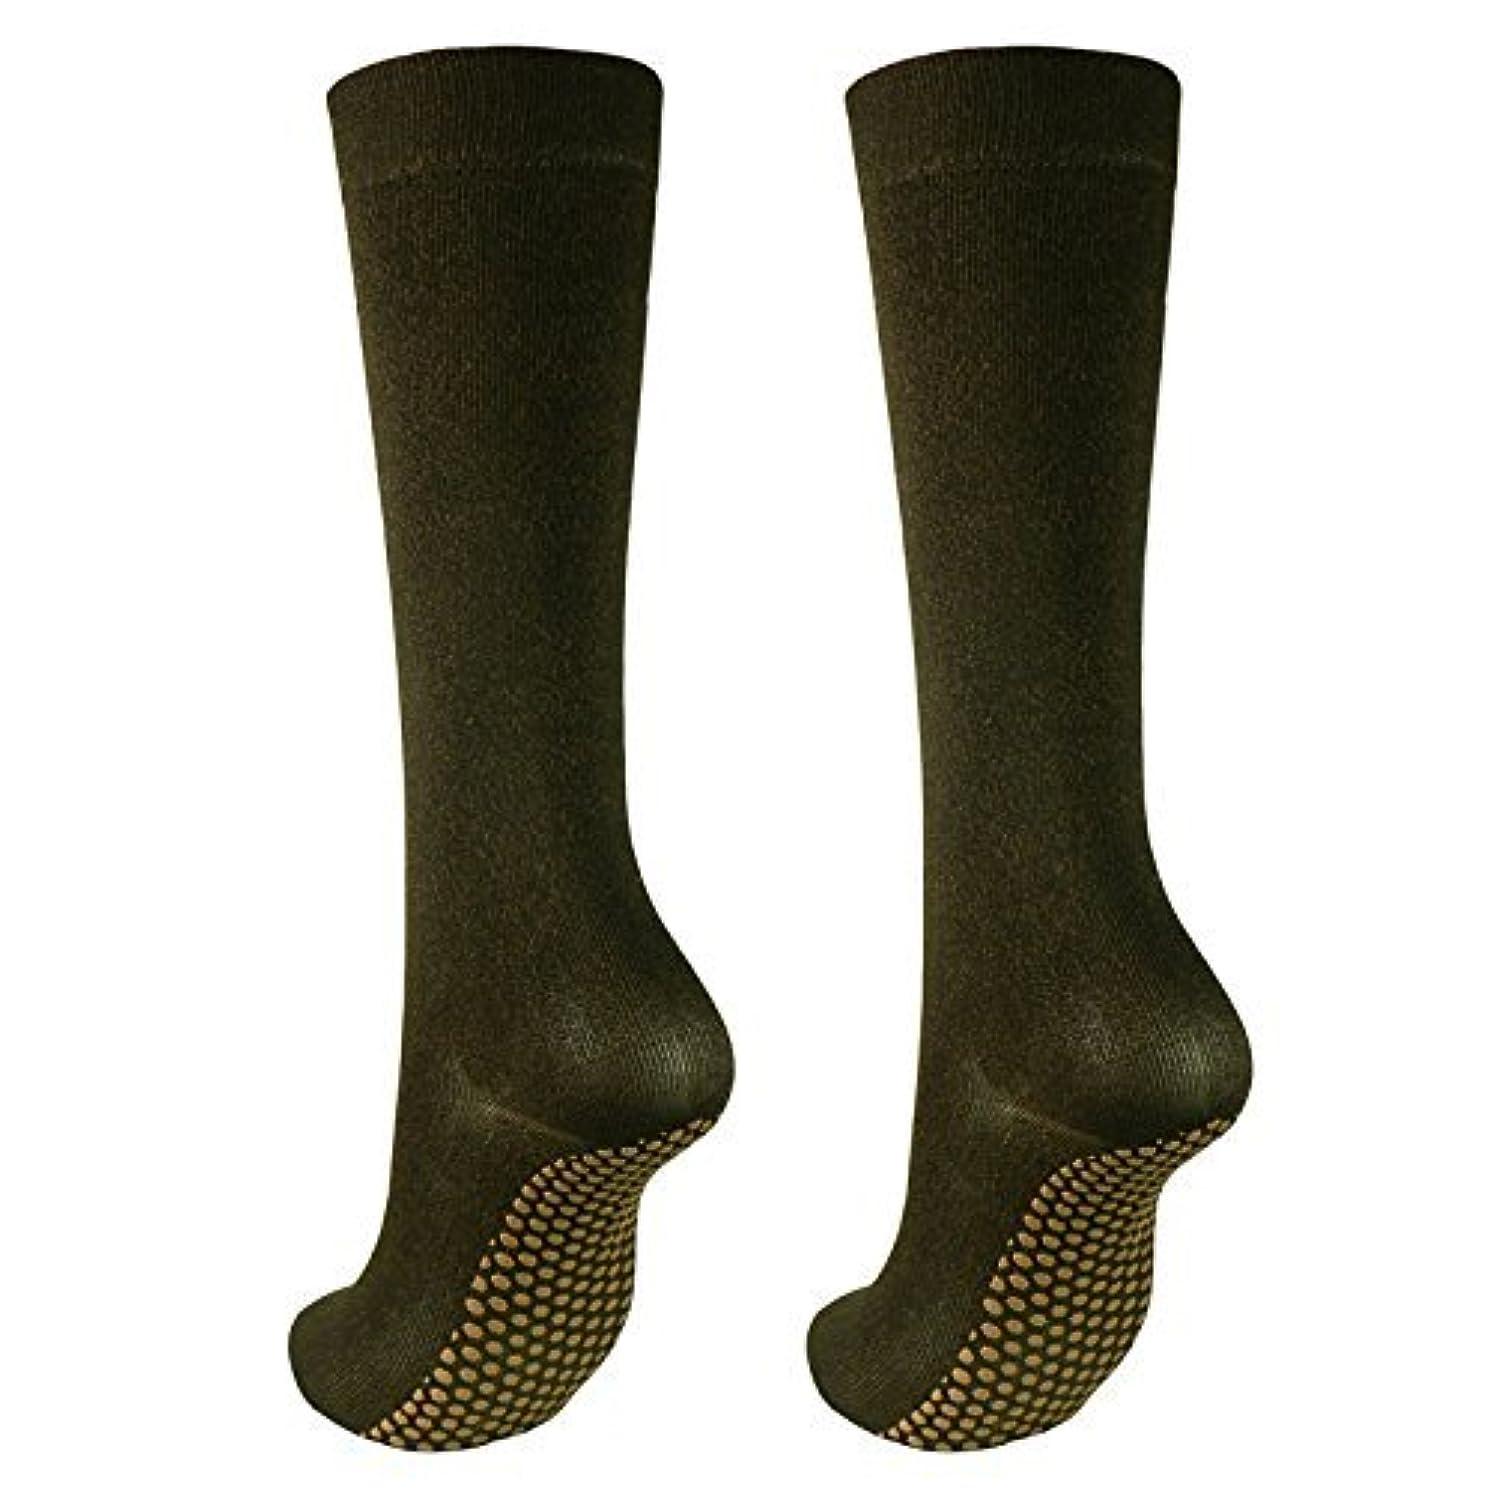 おなじみの聖人毒銅繊維靴下「足もとはいつも青春」ハイソックスタイプ2足セット?静電気対策にも